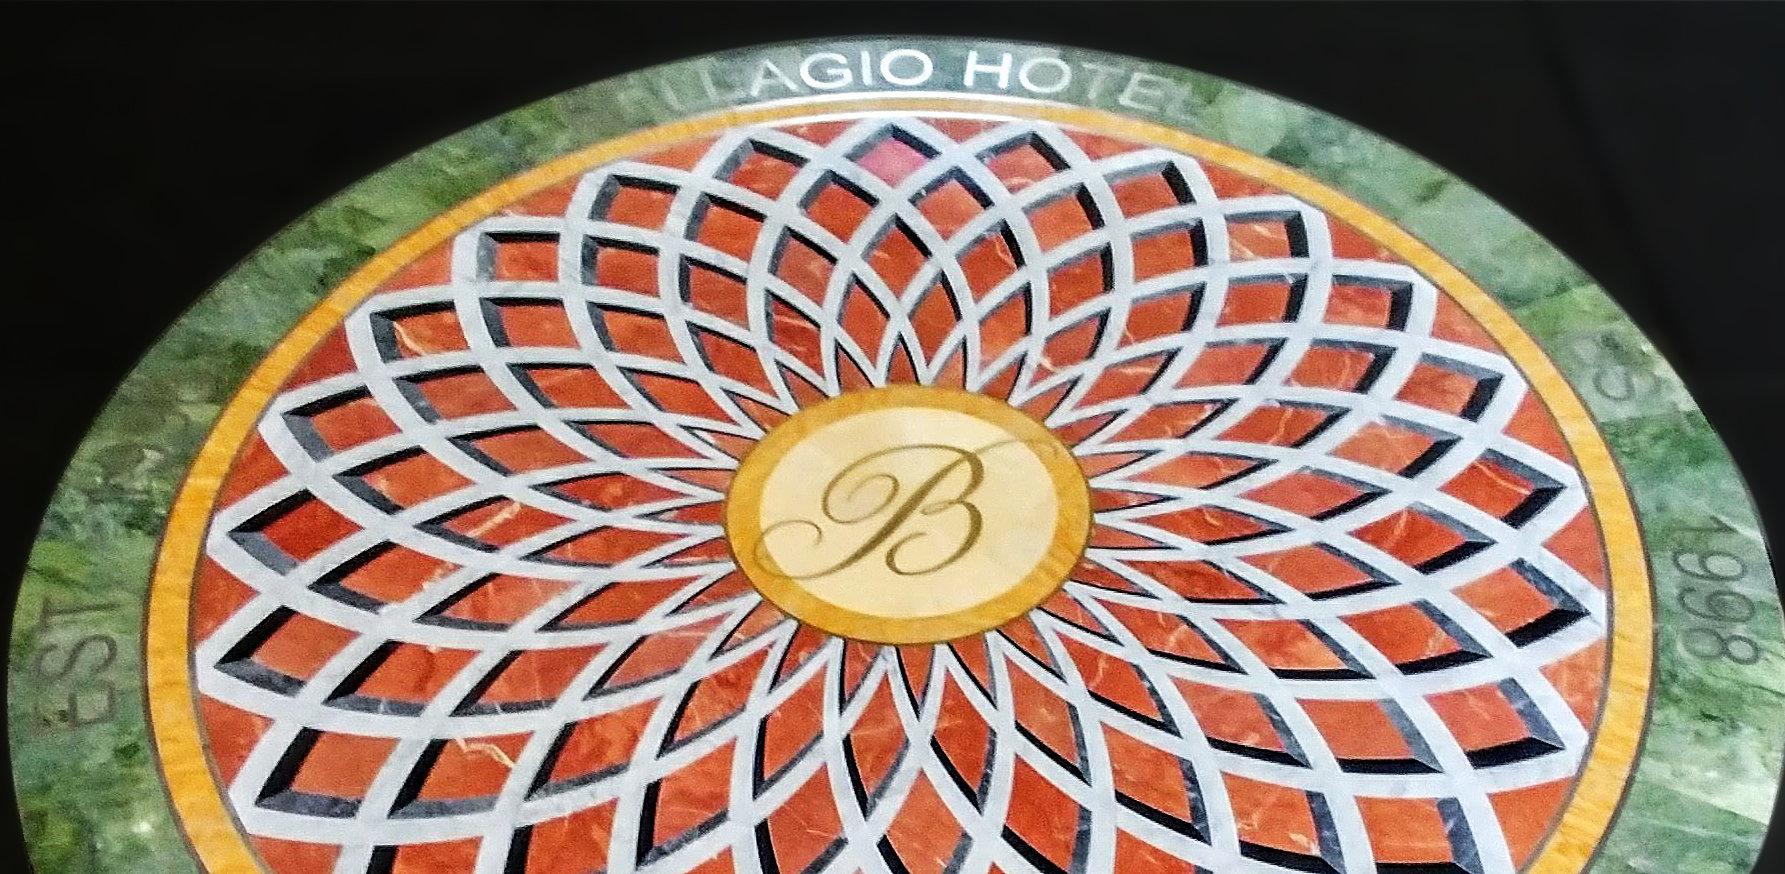 Bellaggio Hotel